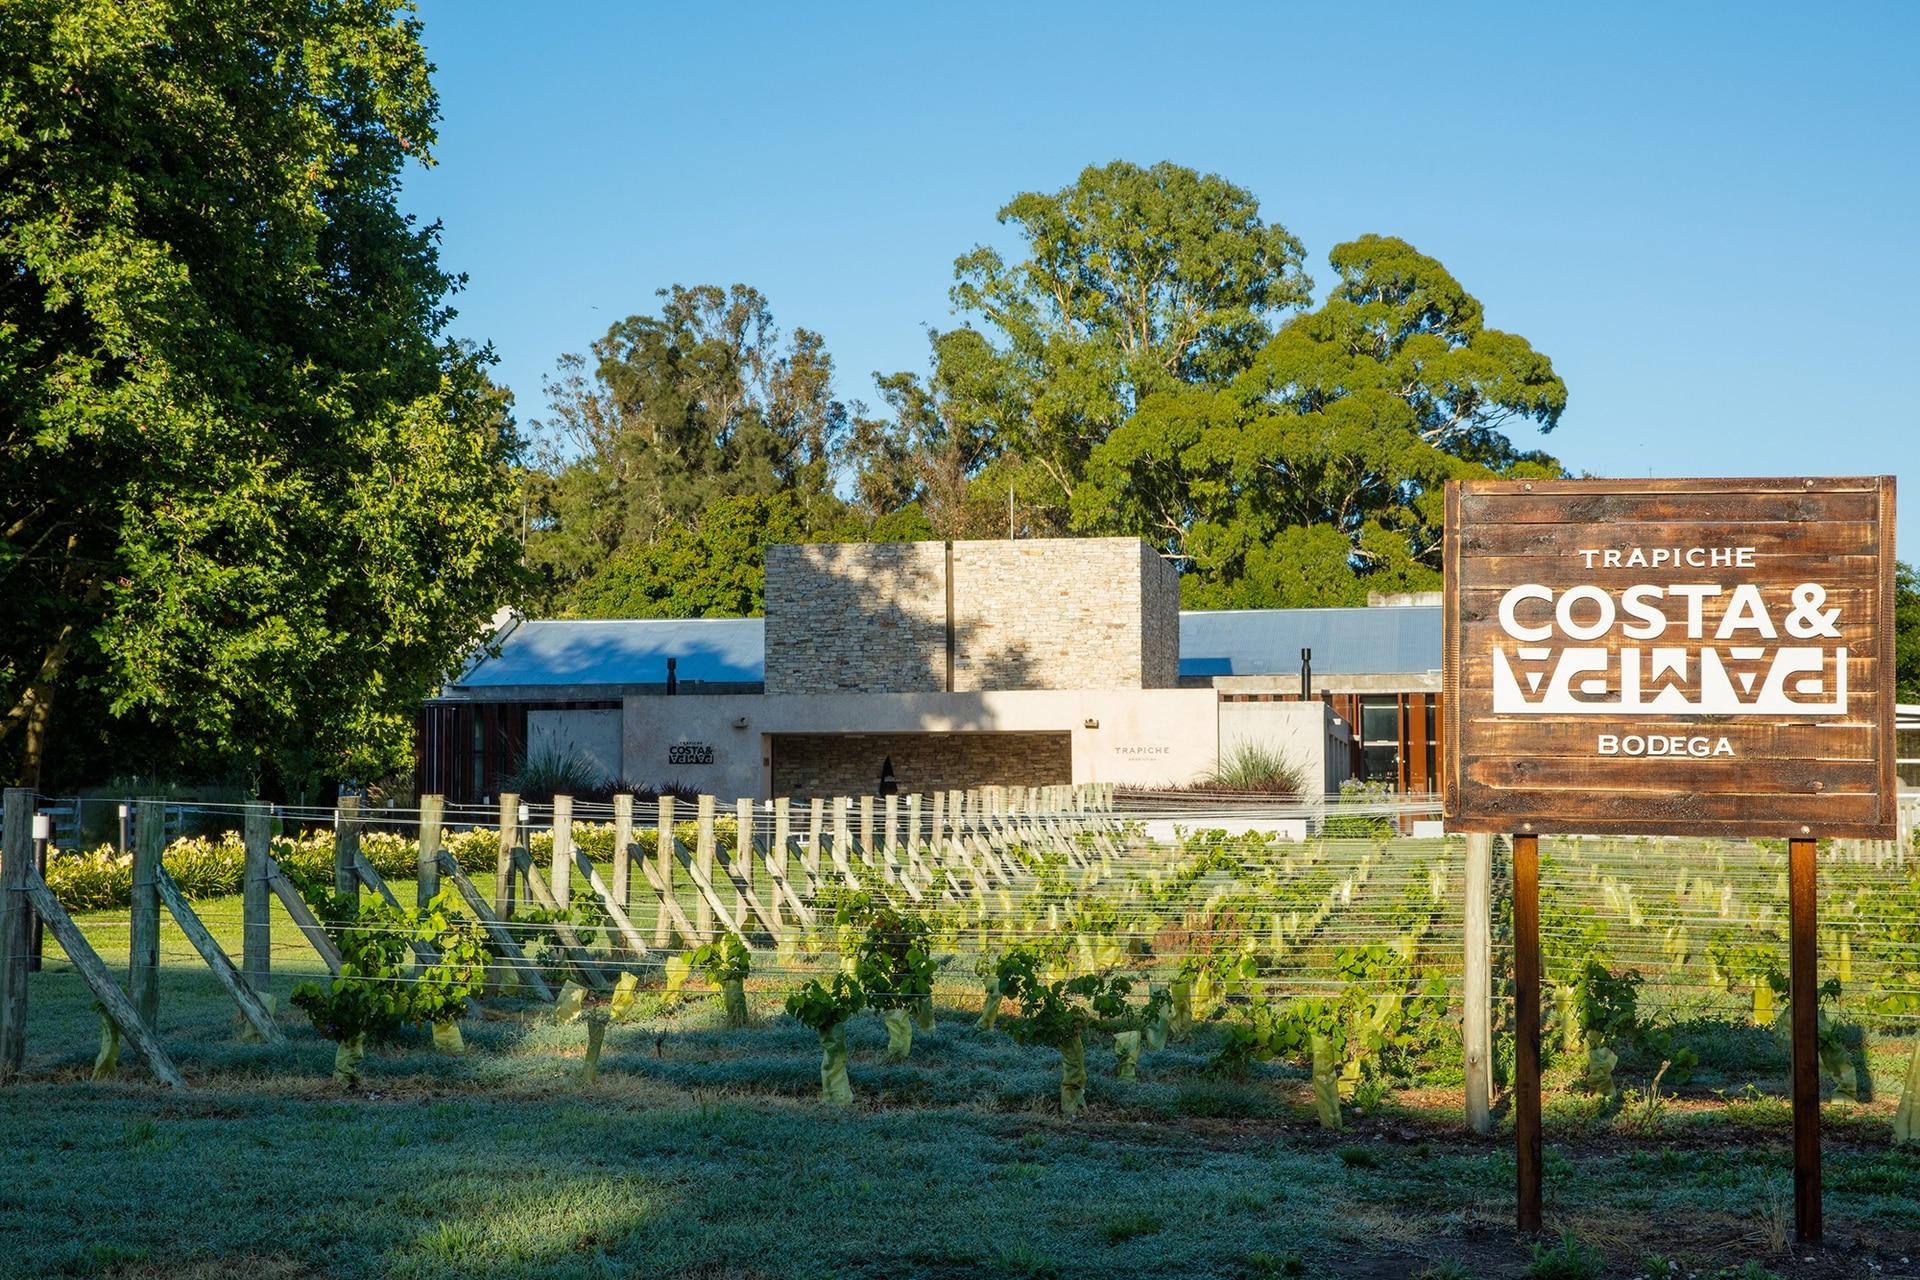 Costa & Pampa es la primera bodega argentina en producir vinos de influencia oceánica.